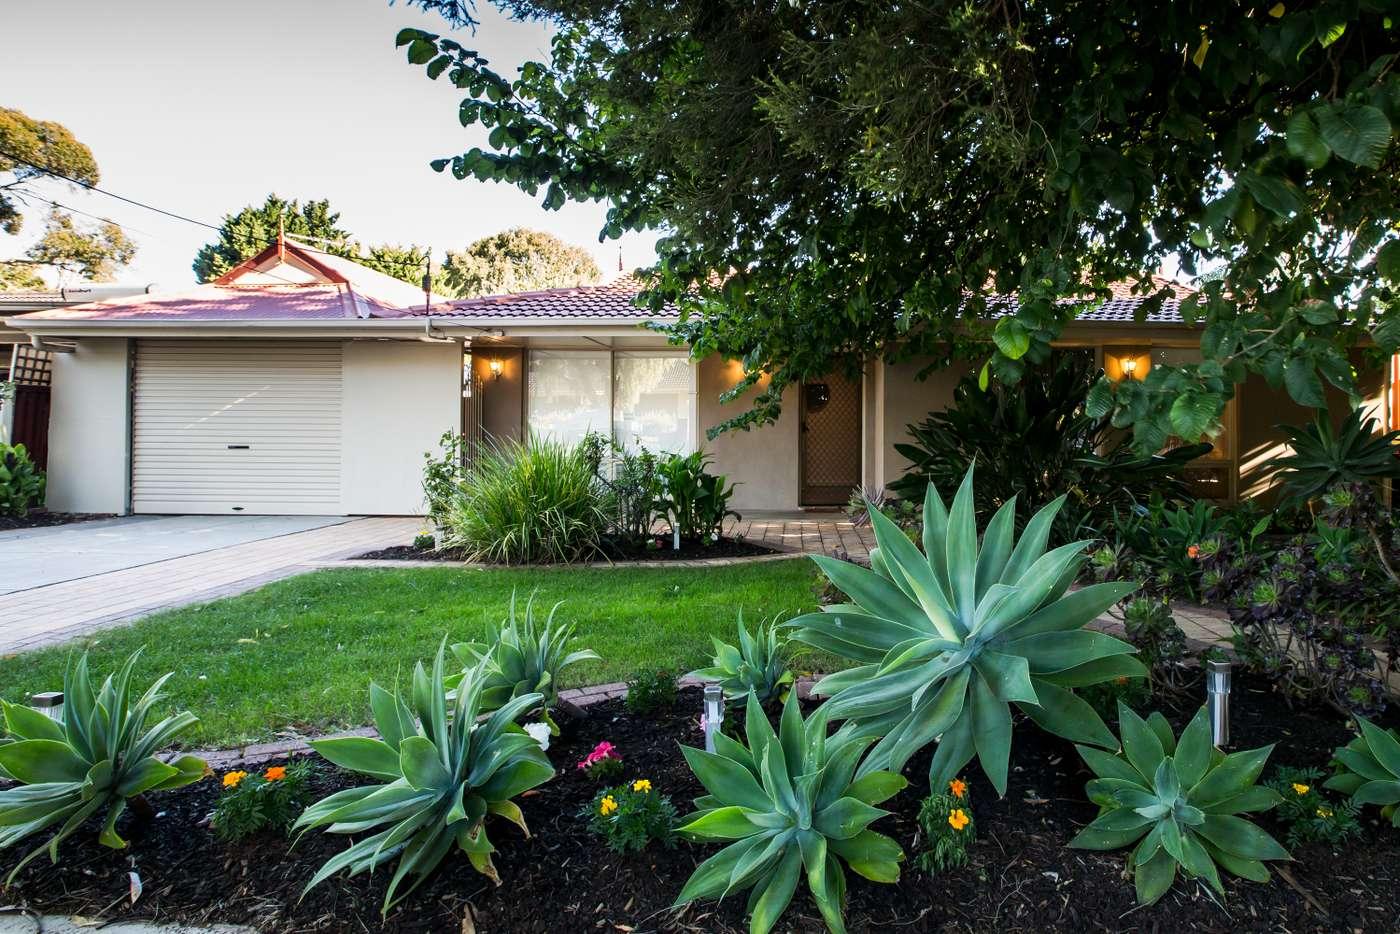 Main view of Homely house listing, 8 Riordan Street, Morphett Vale SA 5162